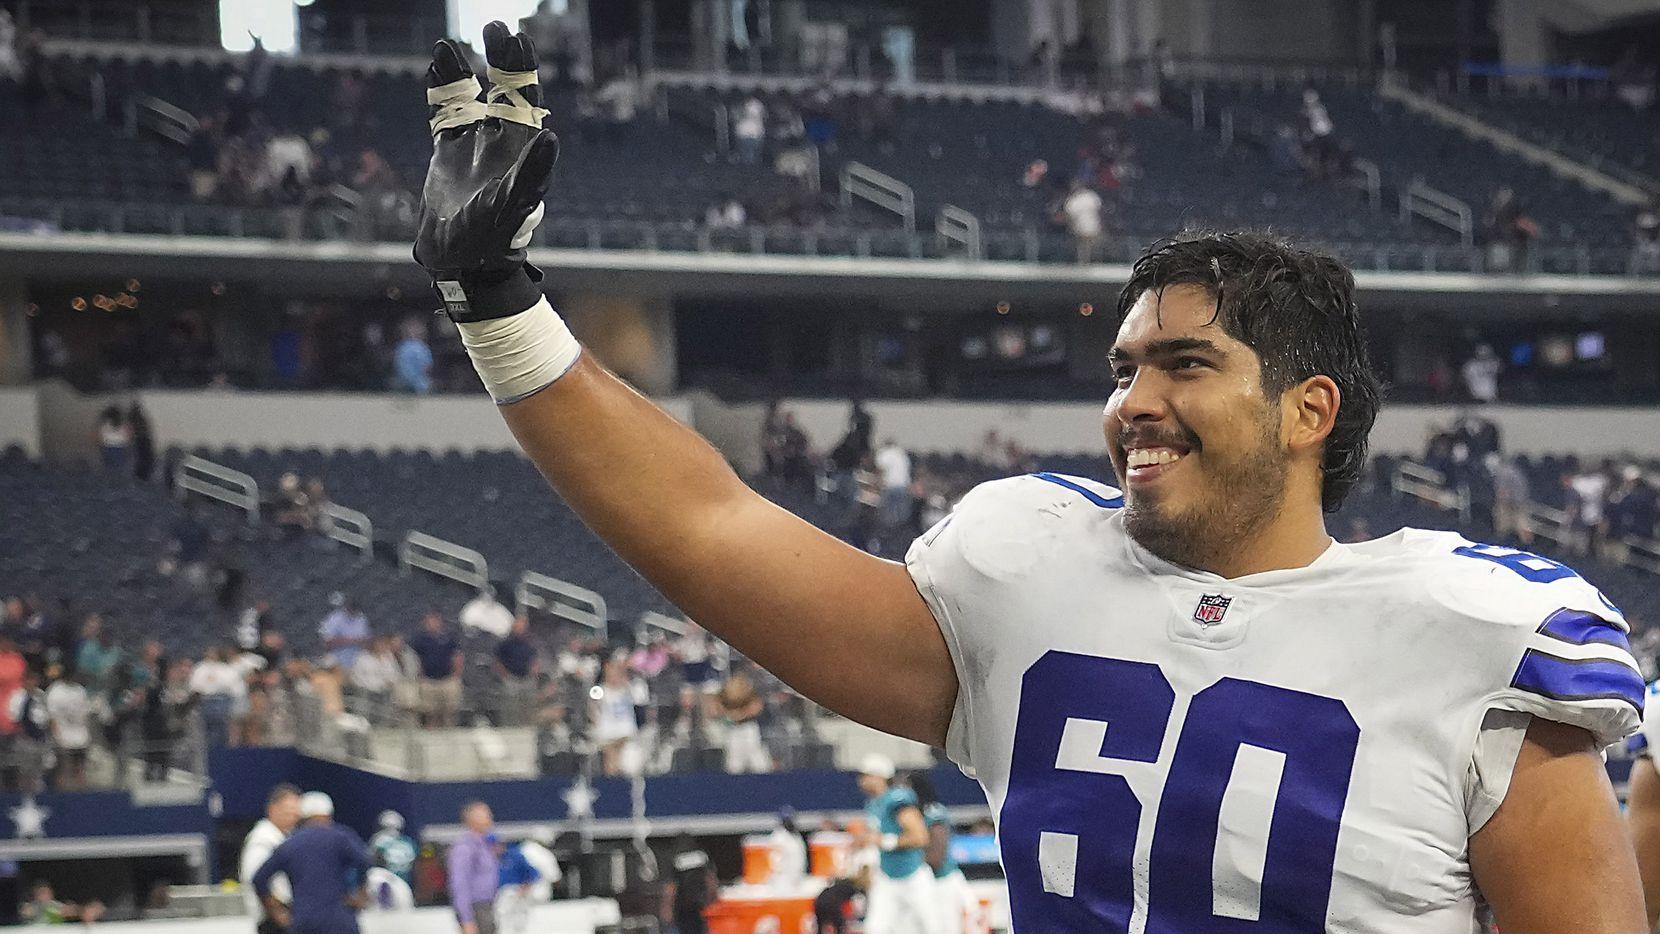 El mexicano Issac Alarcón  se ha adaptado muy bien a su vida como parte del equipo de los Cowboys de Dallas.